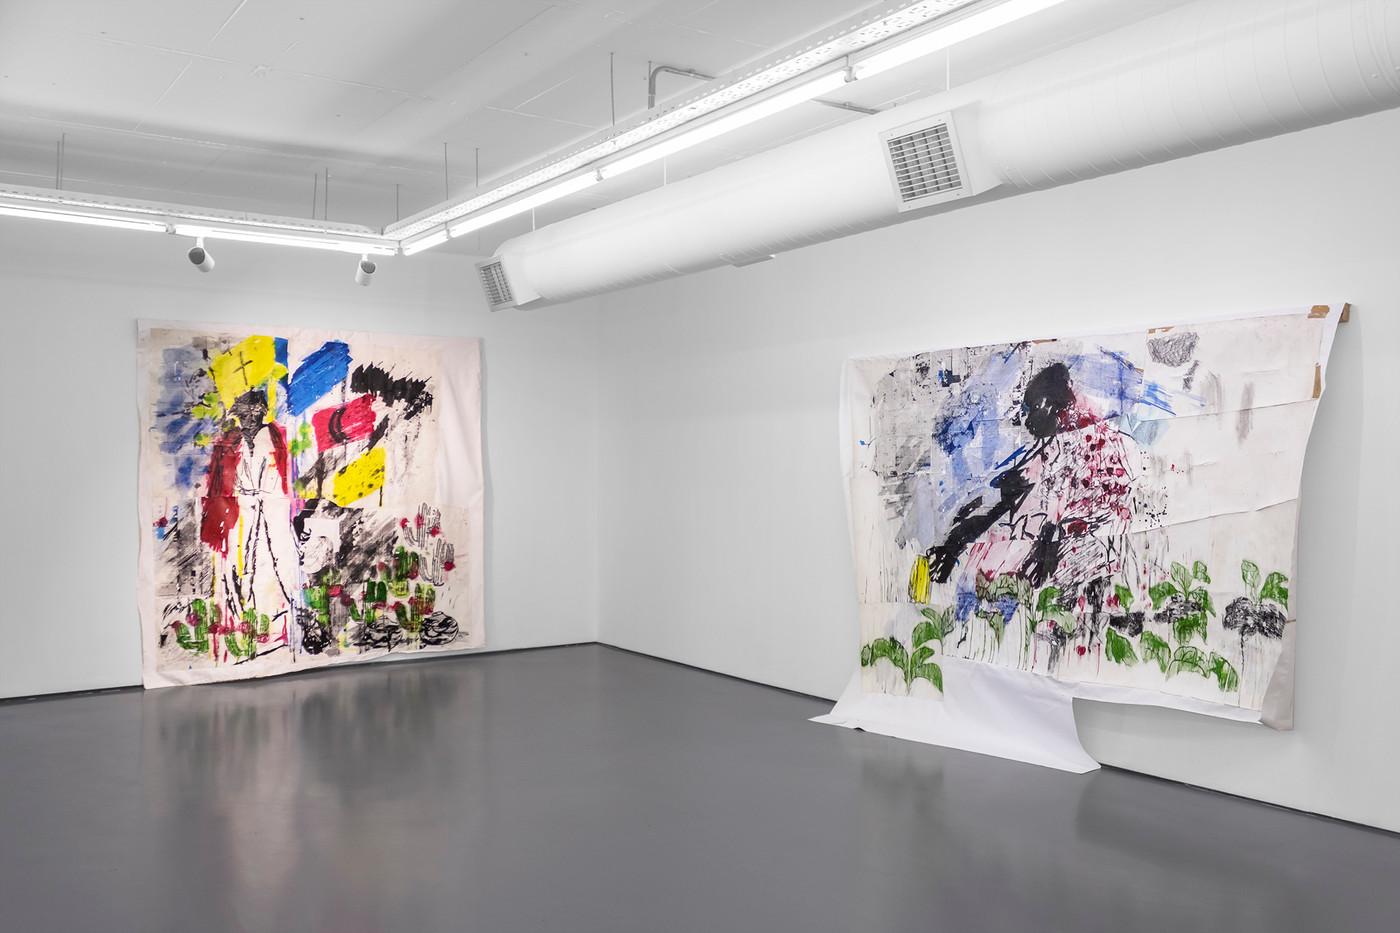 JUGGLING SKILLS | 2019 | Installation View